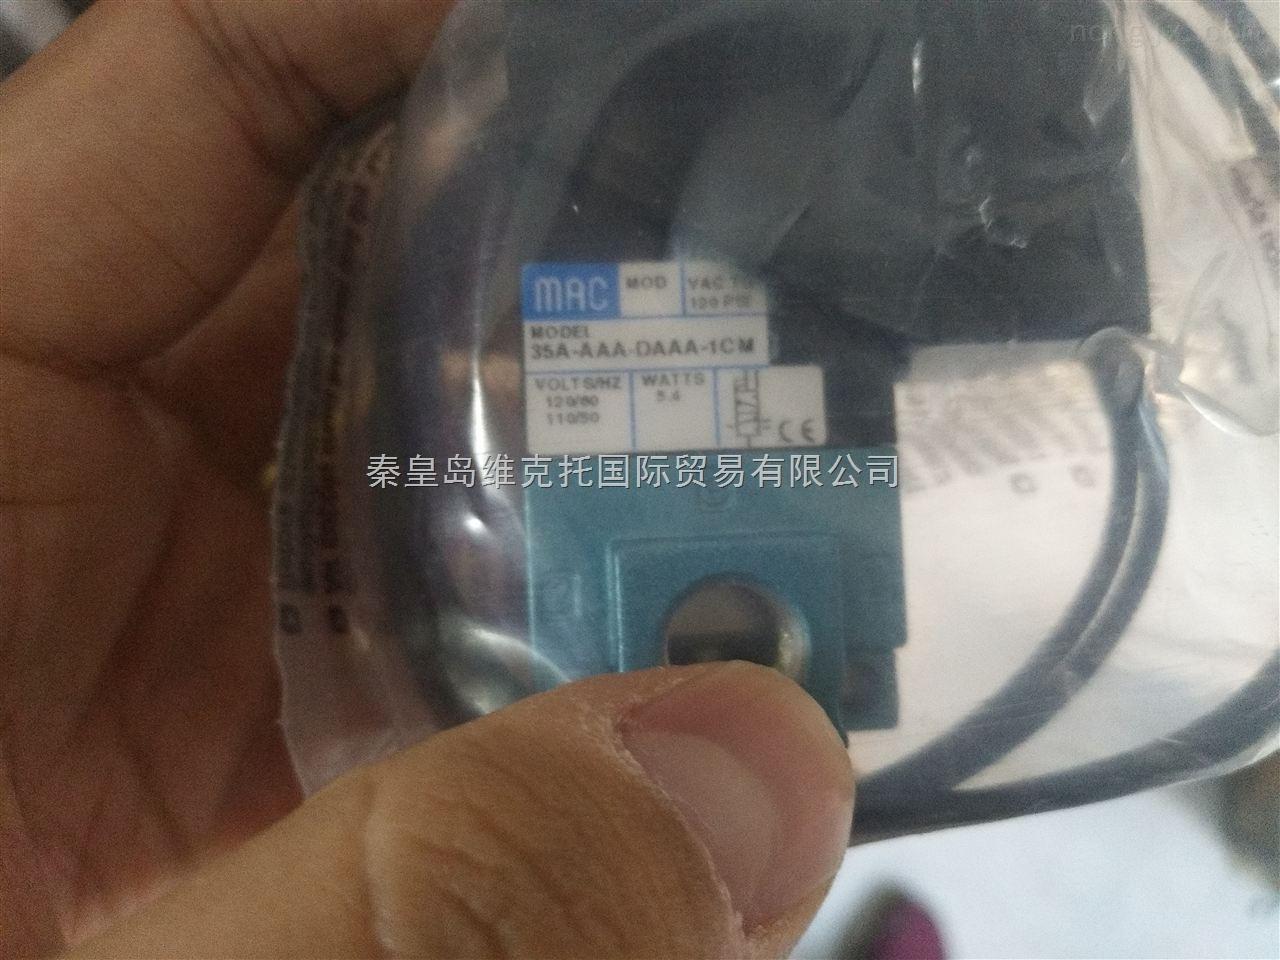 优势推广美国MAC电磁阀等产品。(有现货)